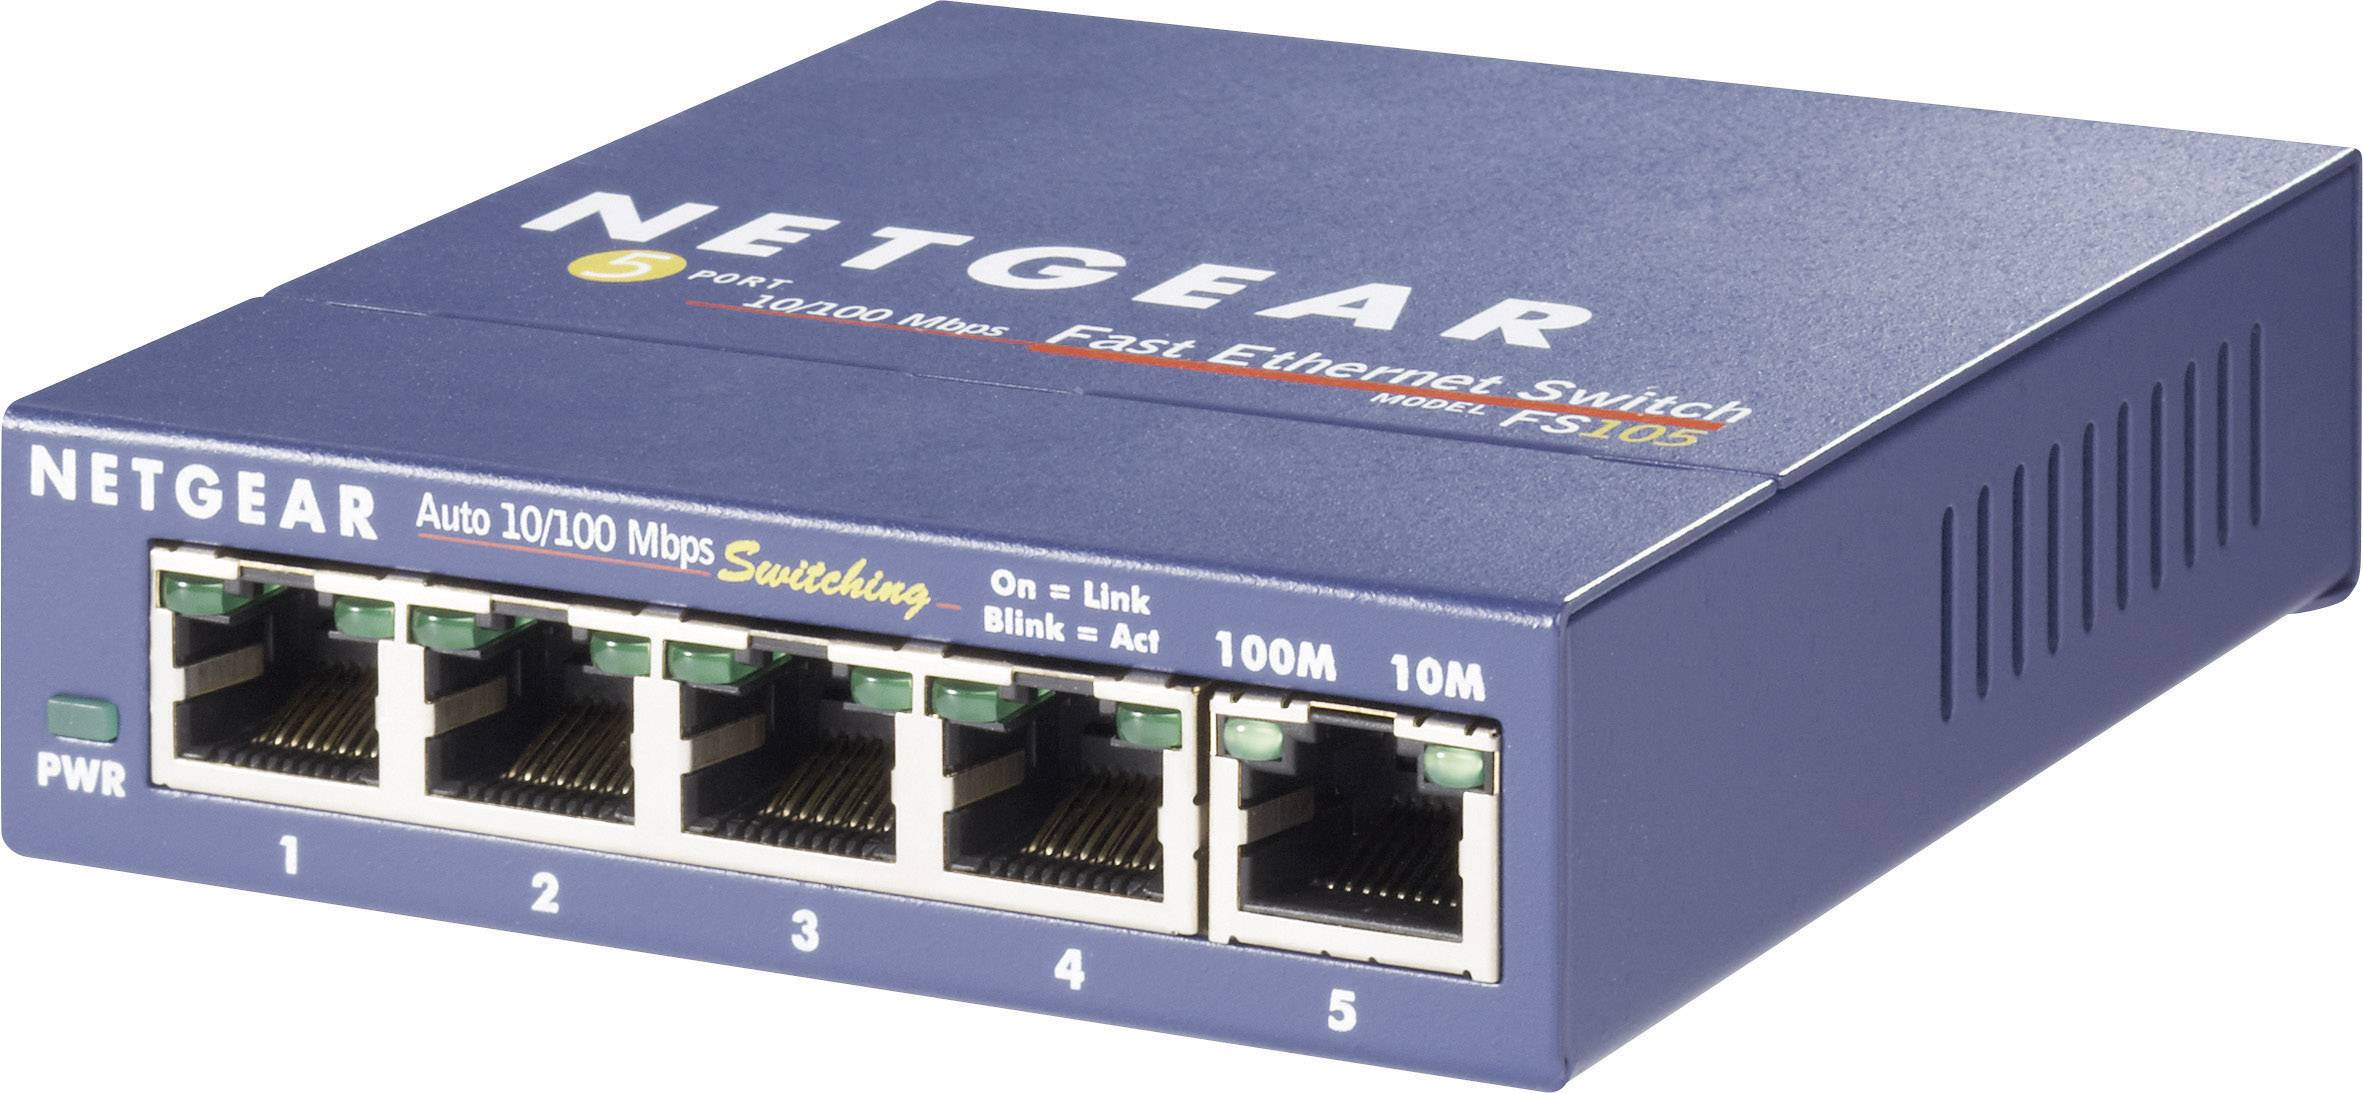 Síťový switch RJ45 NETGEAR, FS105, 5 portů, 100 Mbit/s